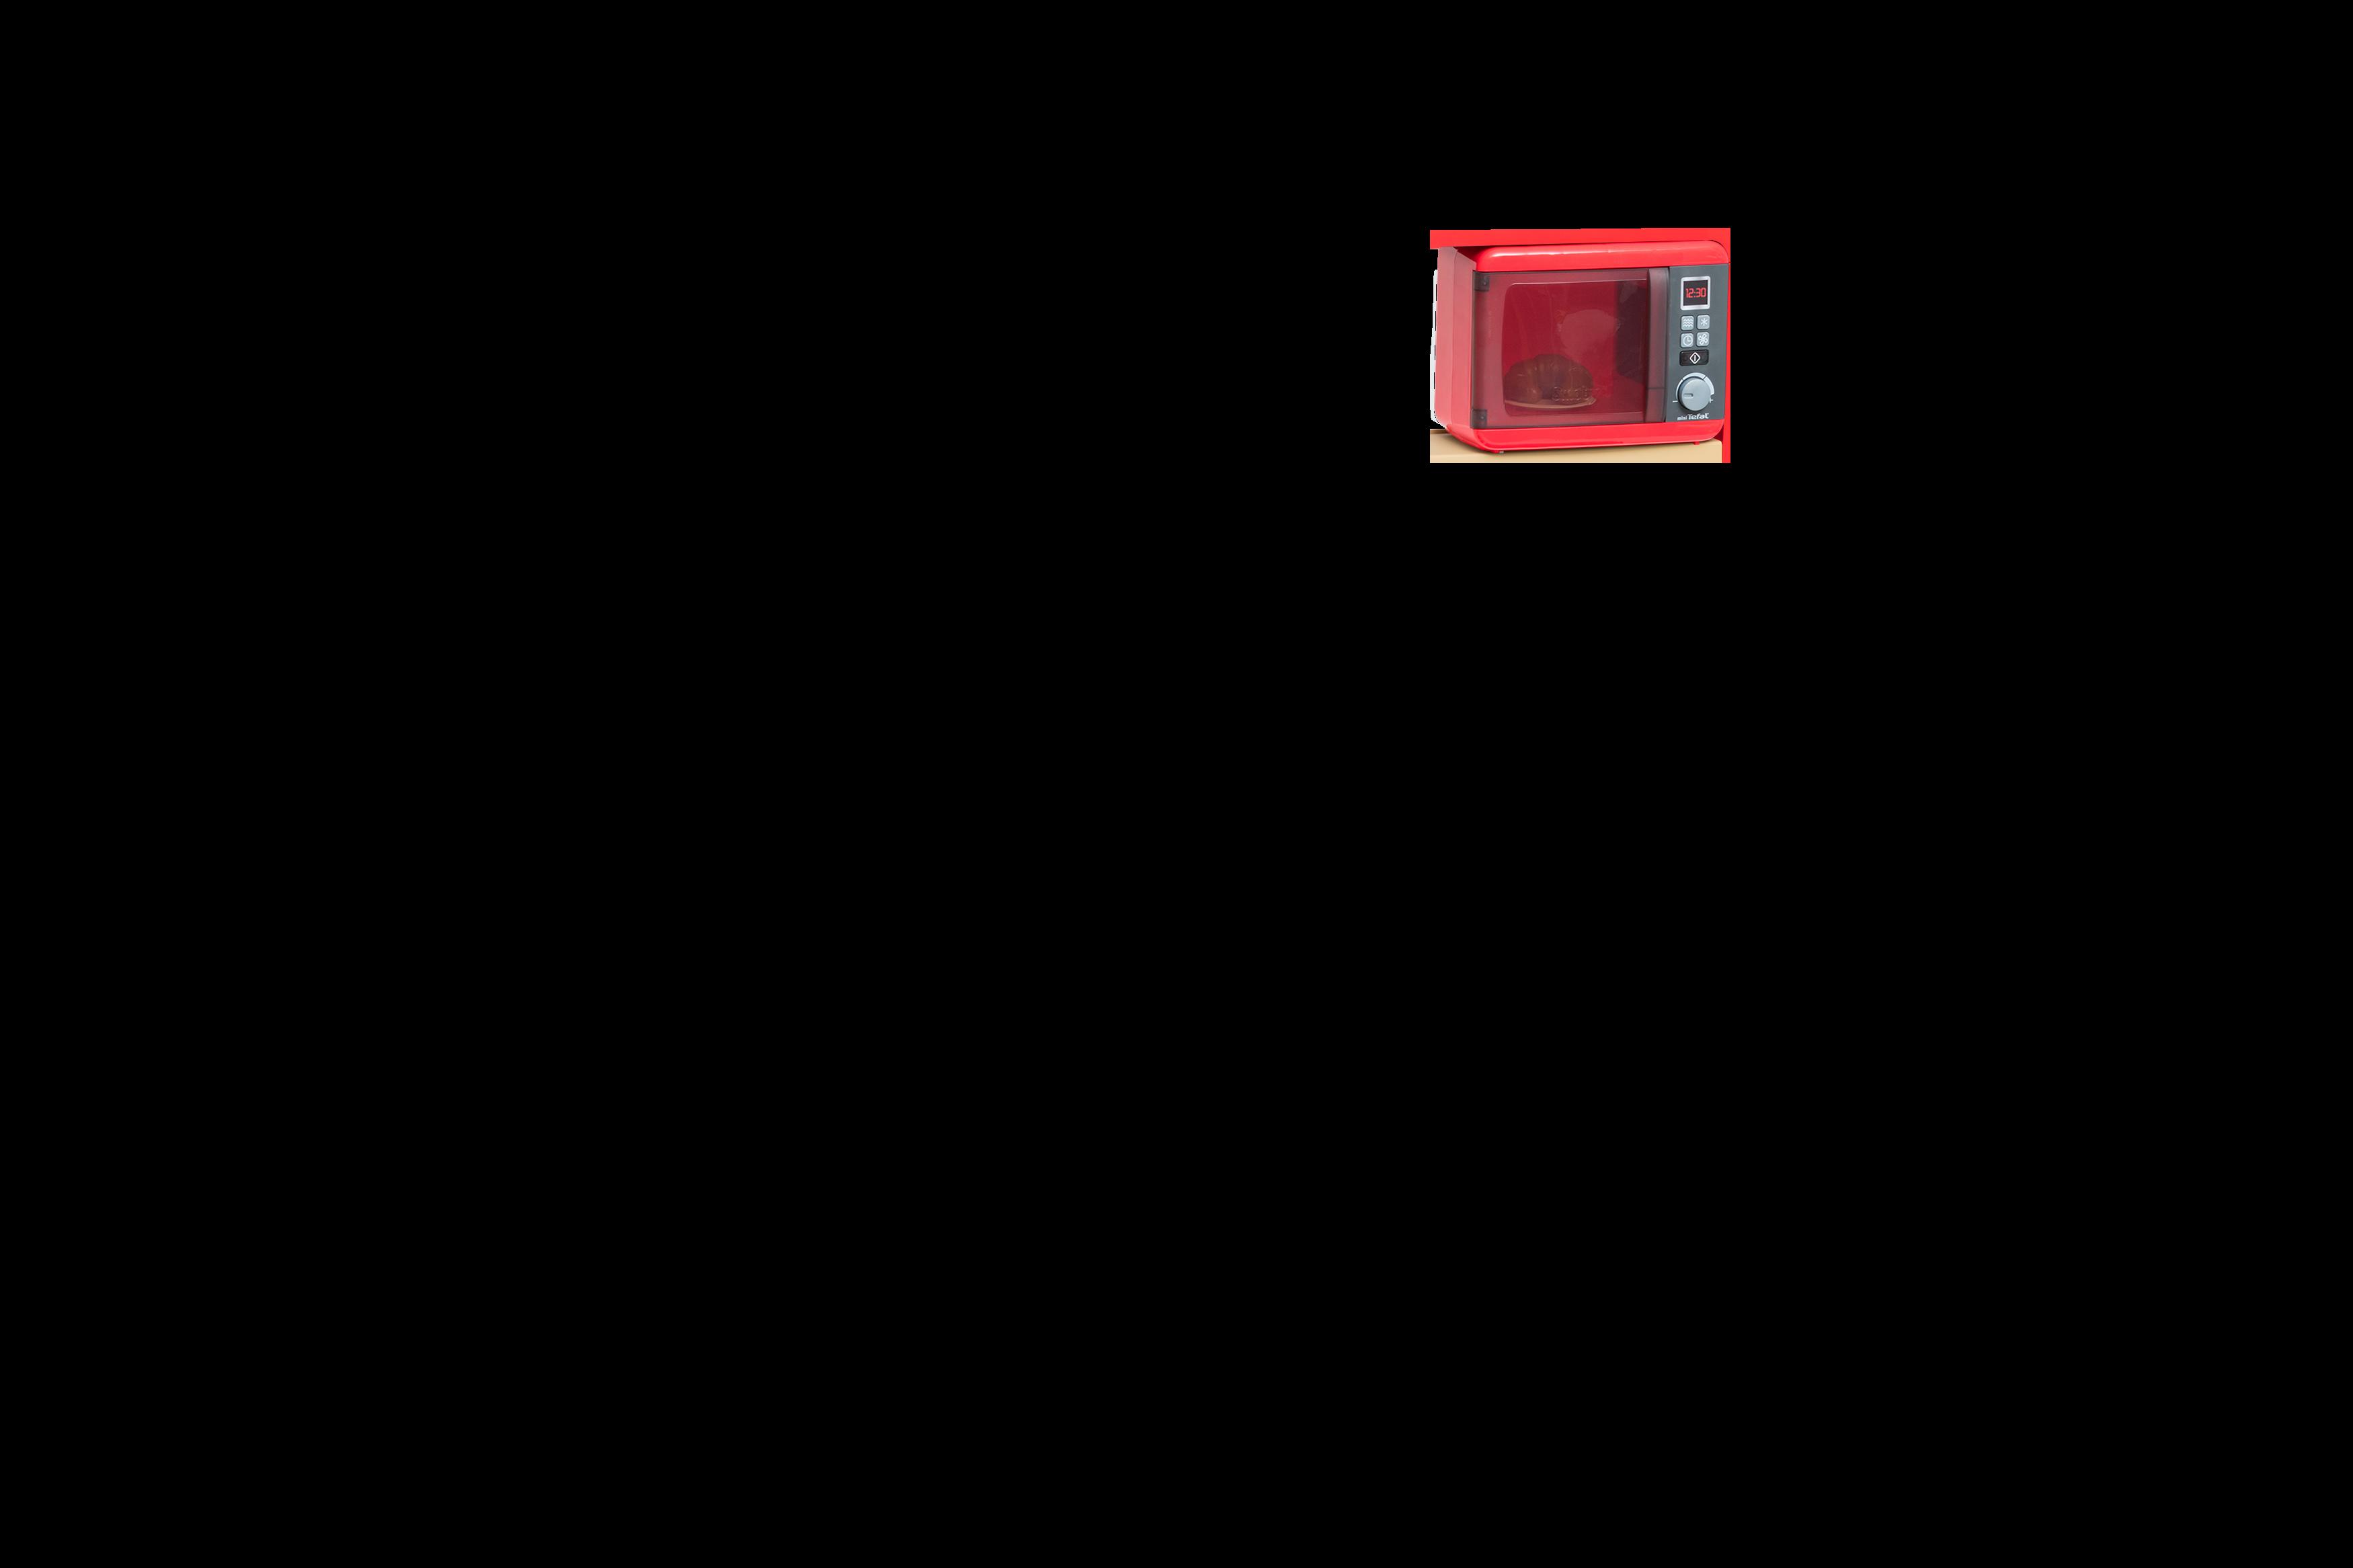 Kuchyňka rostoucí s tekoucí vodou Tefal Evolutive Grand Chef Smoby červená s magickým bubláním, těstovinami, mrkví, židlí a 43 doplňků